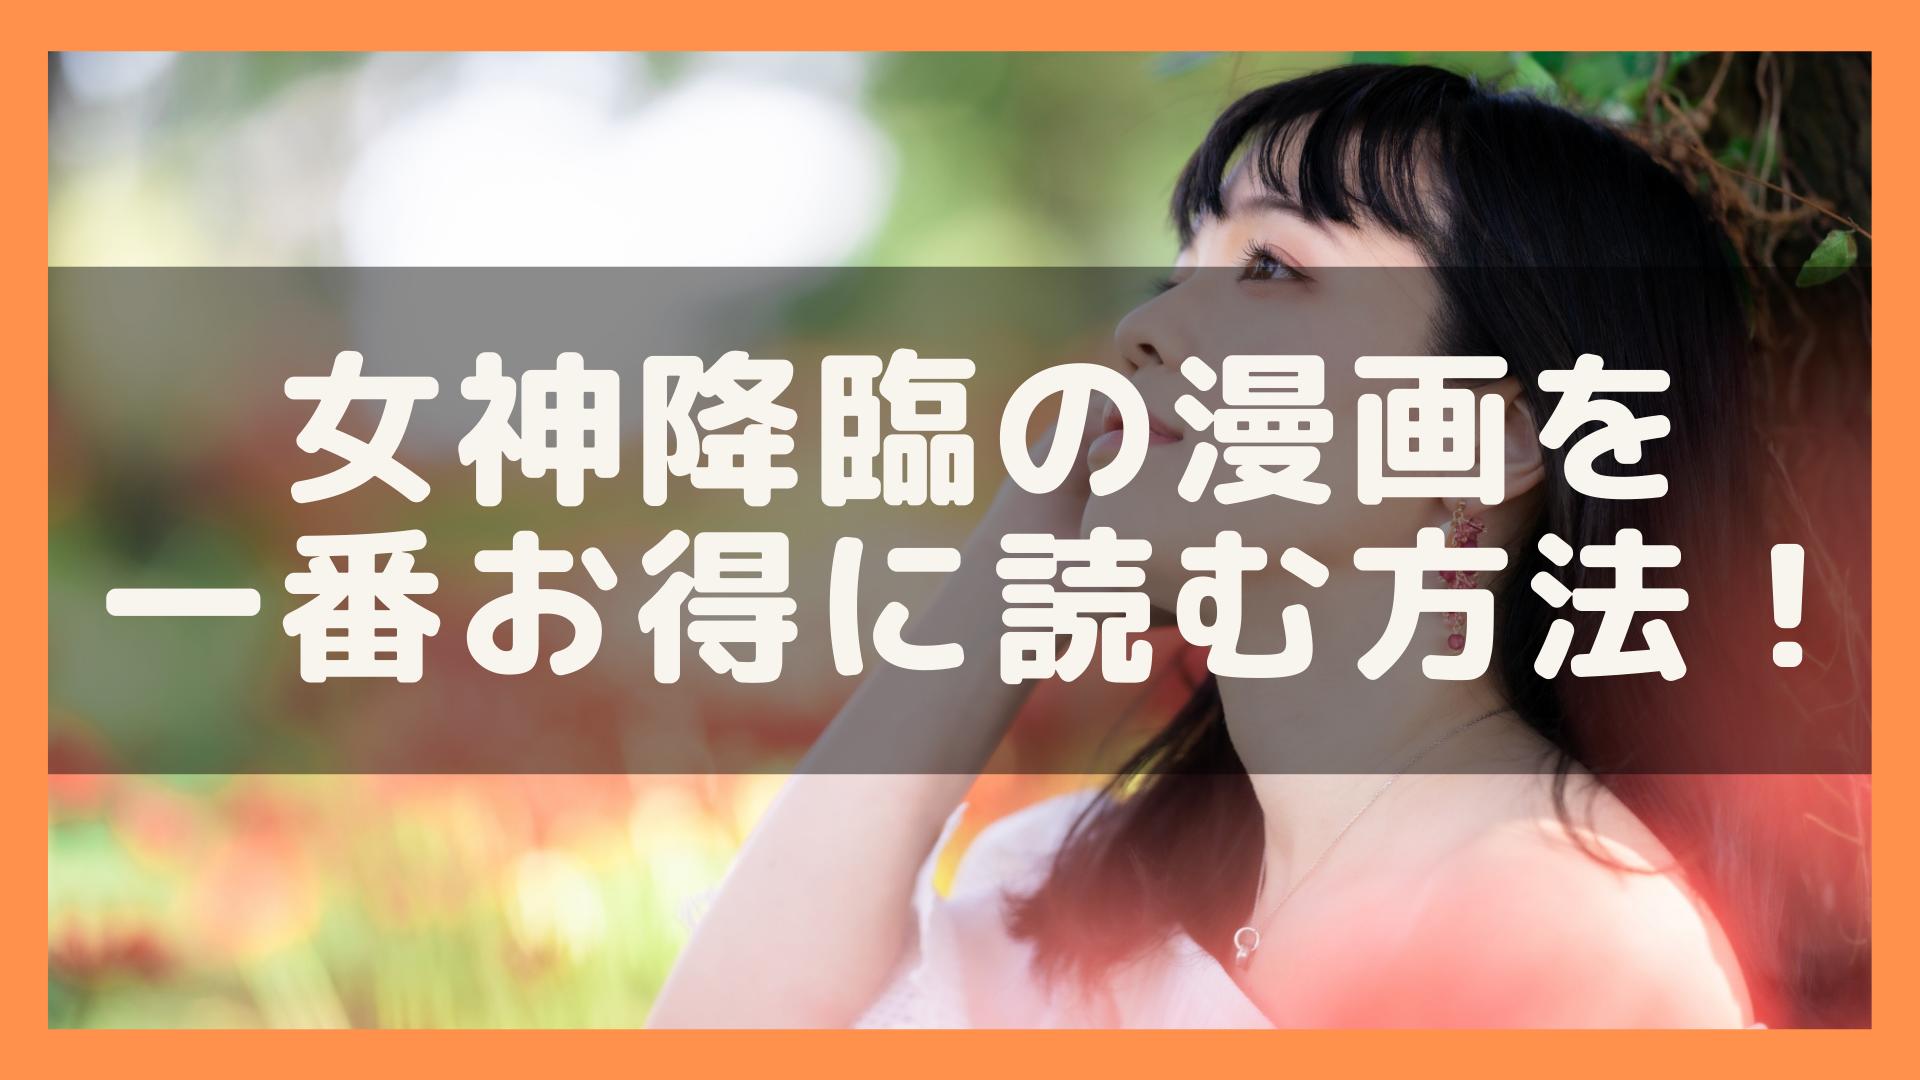 女神降臨の漫画日本語単行本が売ってる場所の参考画像